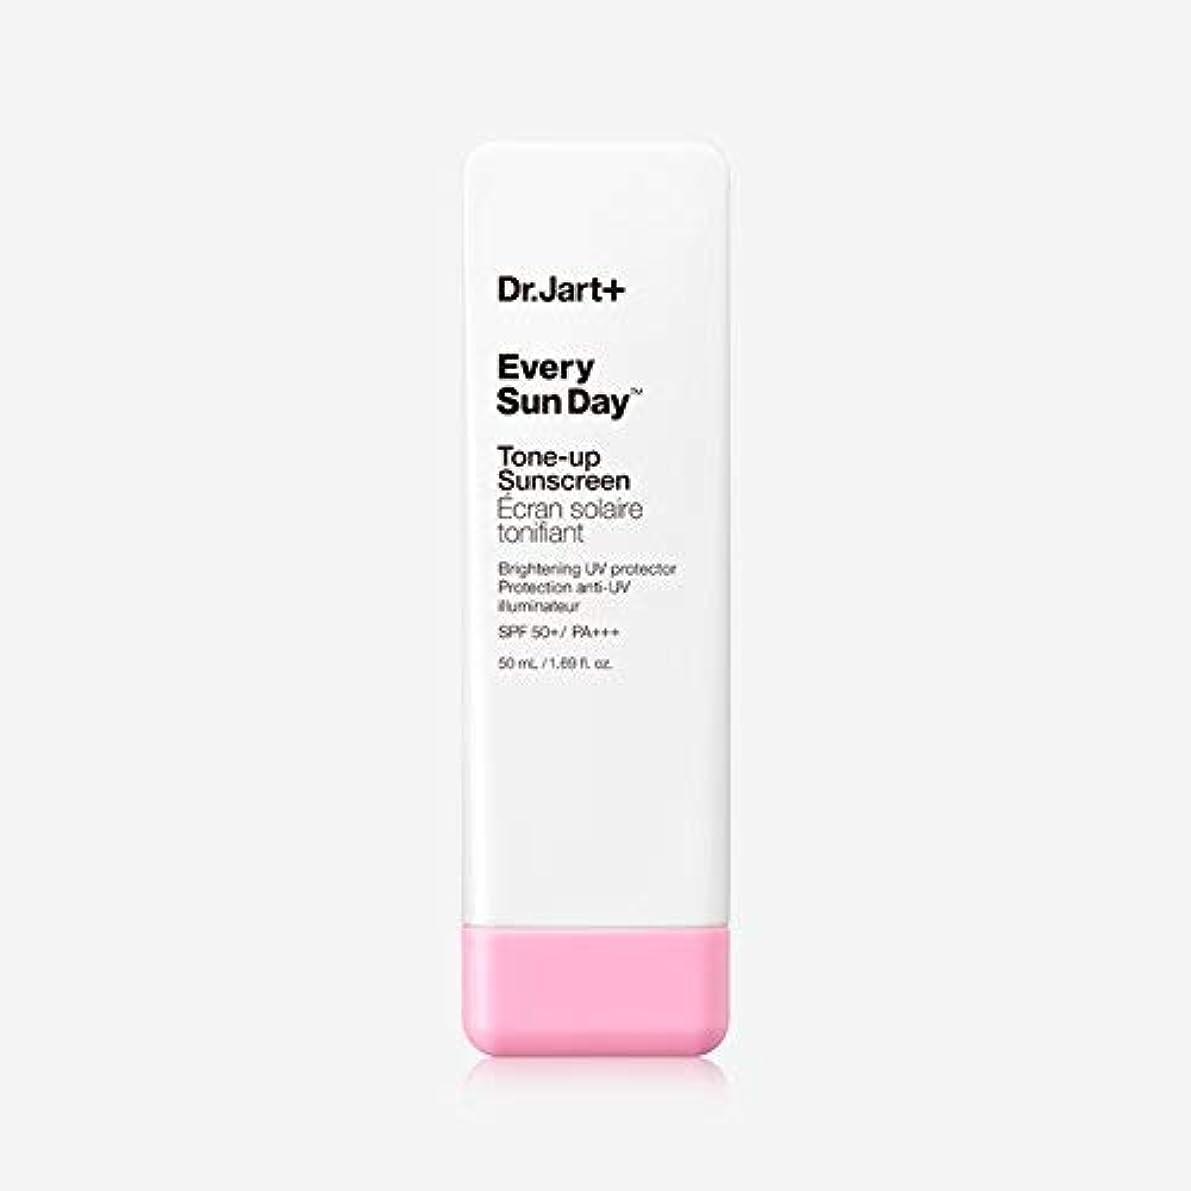 慰めファンシーブートDr.Jart+ Every Sun Day Tone-up Sunscreen SPF50+ PA+++ 50ml / ドクタージャルトゥエヴリサンデートーンアップサンスクリーンSPF50+PA+++50ml [並行輸入品]